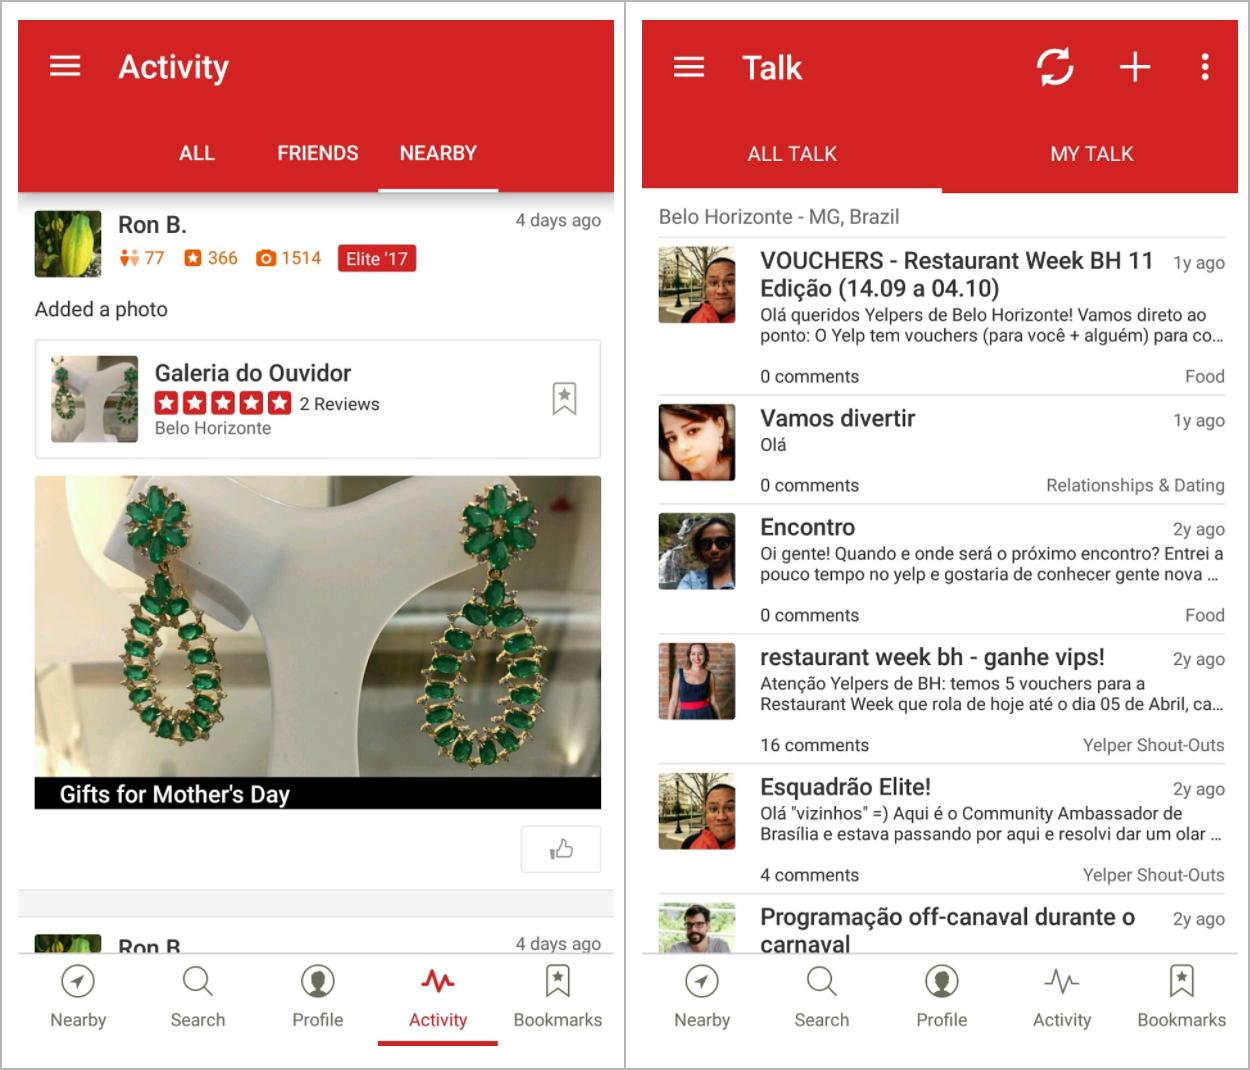 Tela de atividades da comunidade e tela de chat com outros usuários